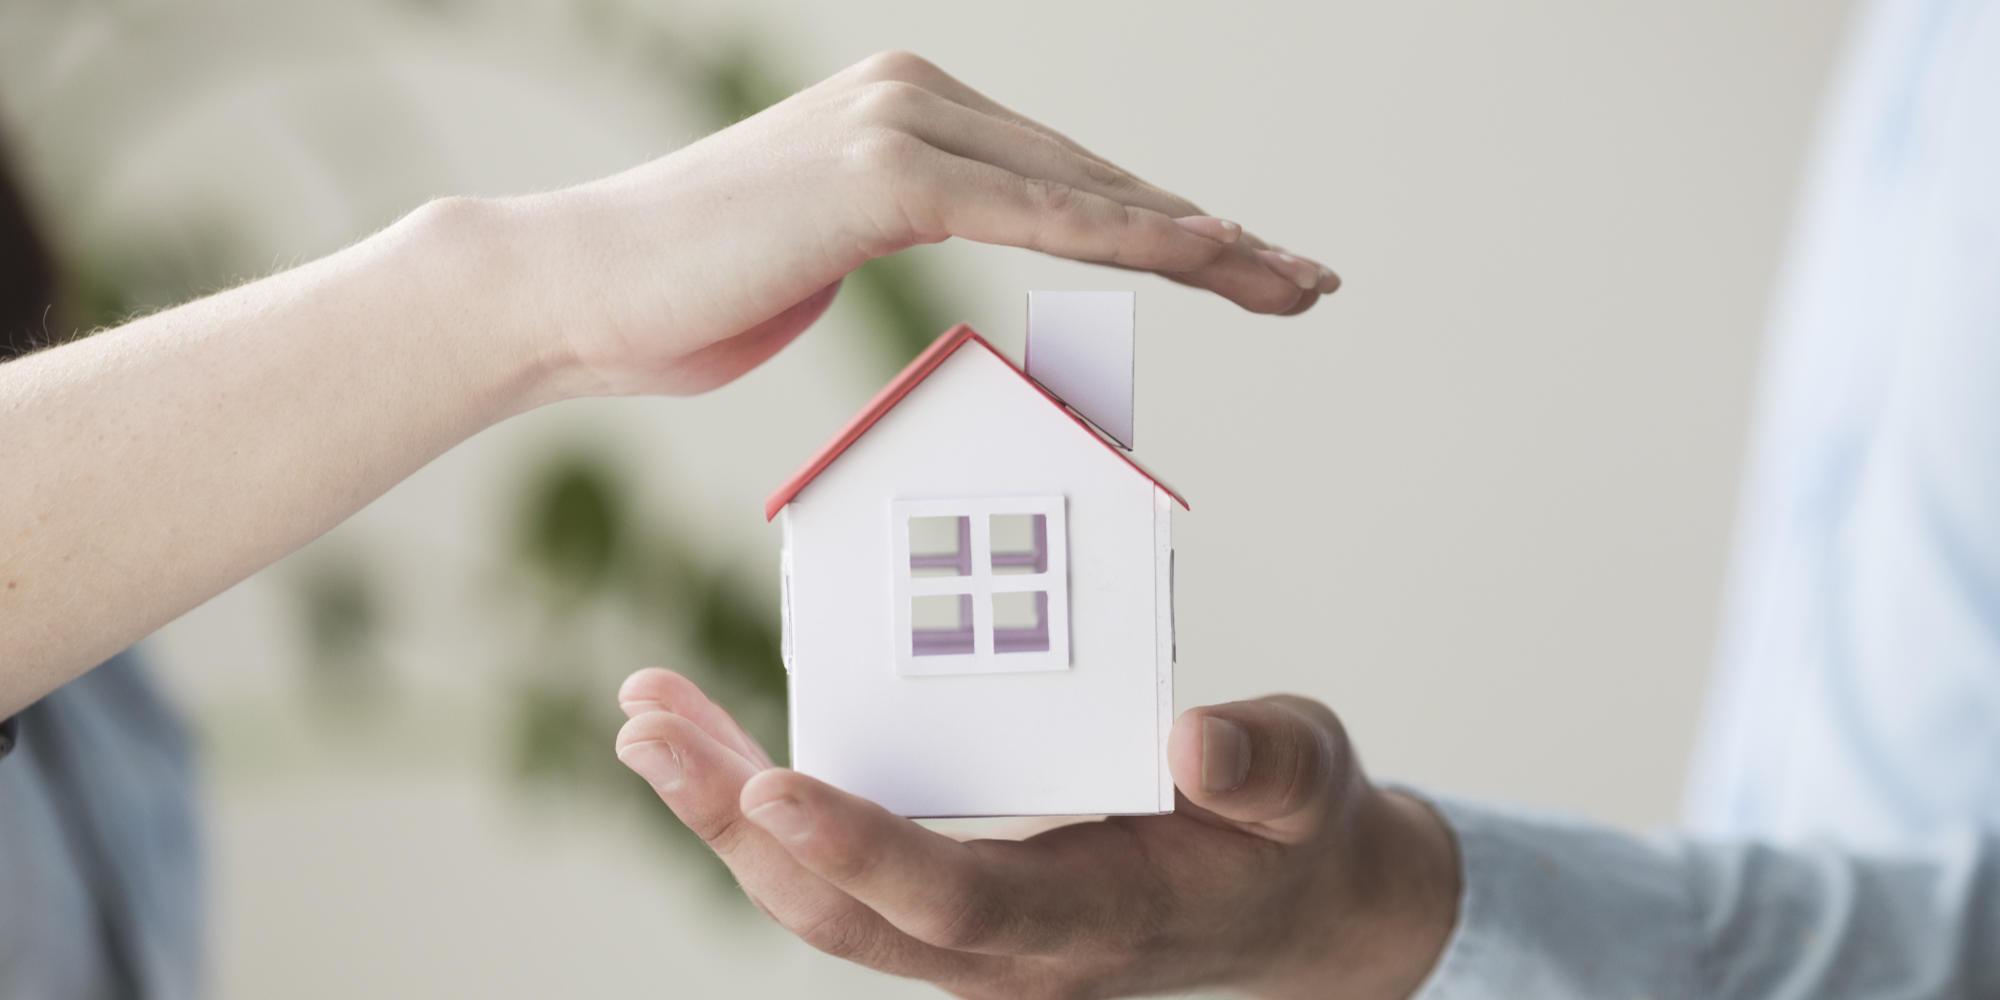 Comment ajouter une alarme sans fil dans une maison?